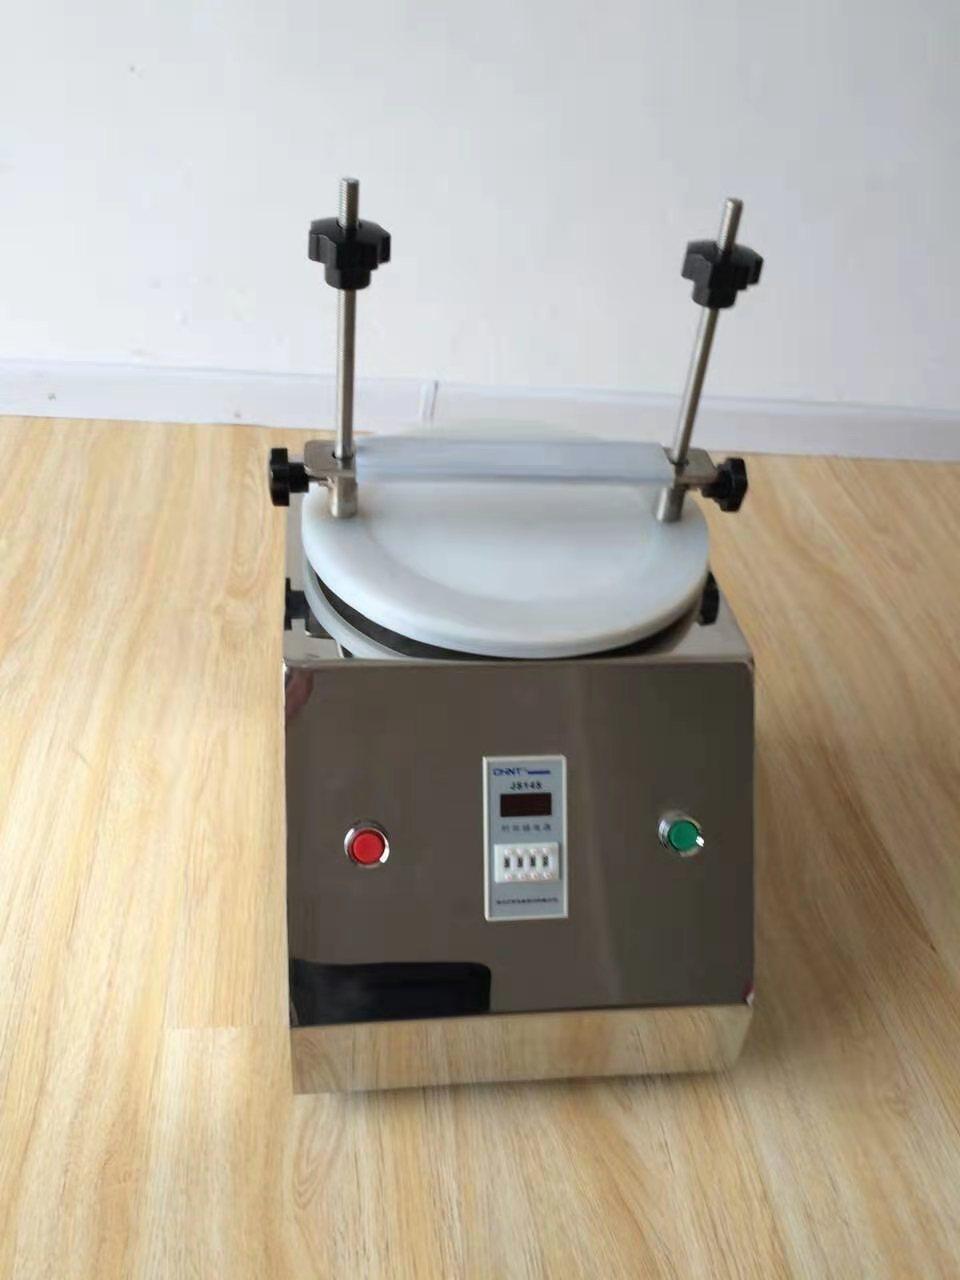 广西超声波检验筛_检验筛出售相关-新乡市科豪机械设备有限公司